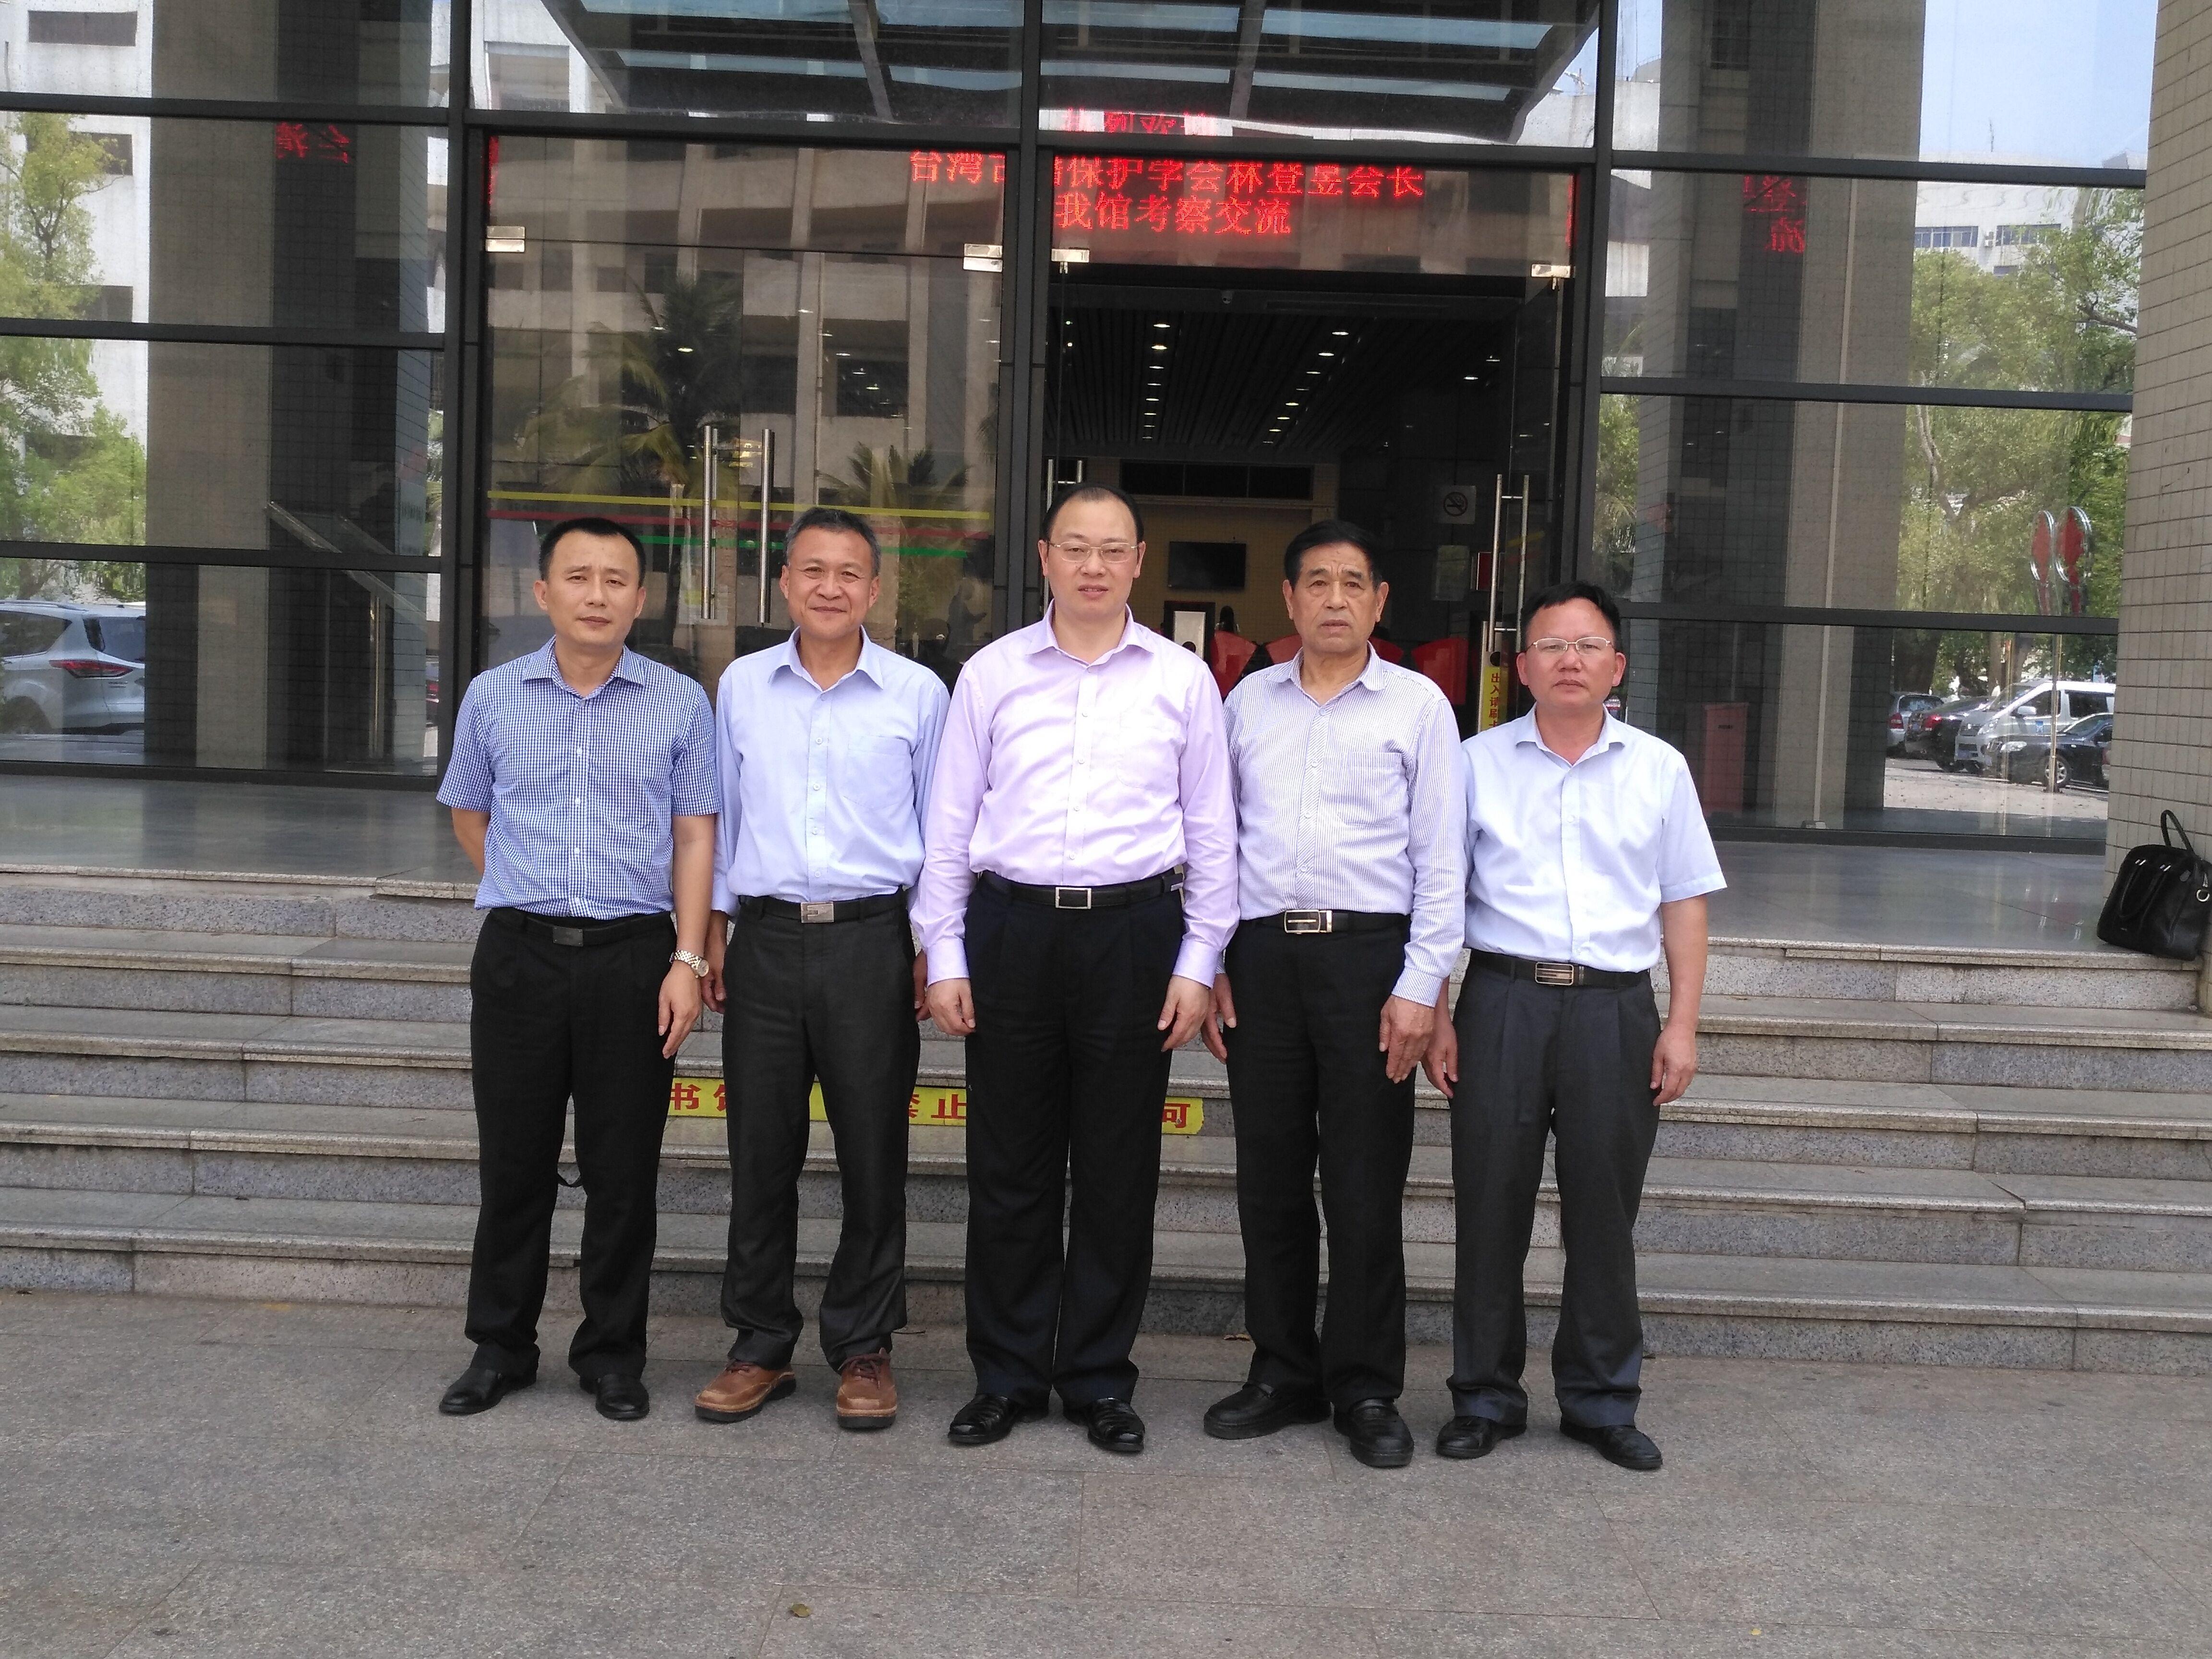 台湾古籍保护学会会长到我校图书馆访问交流